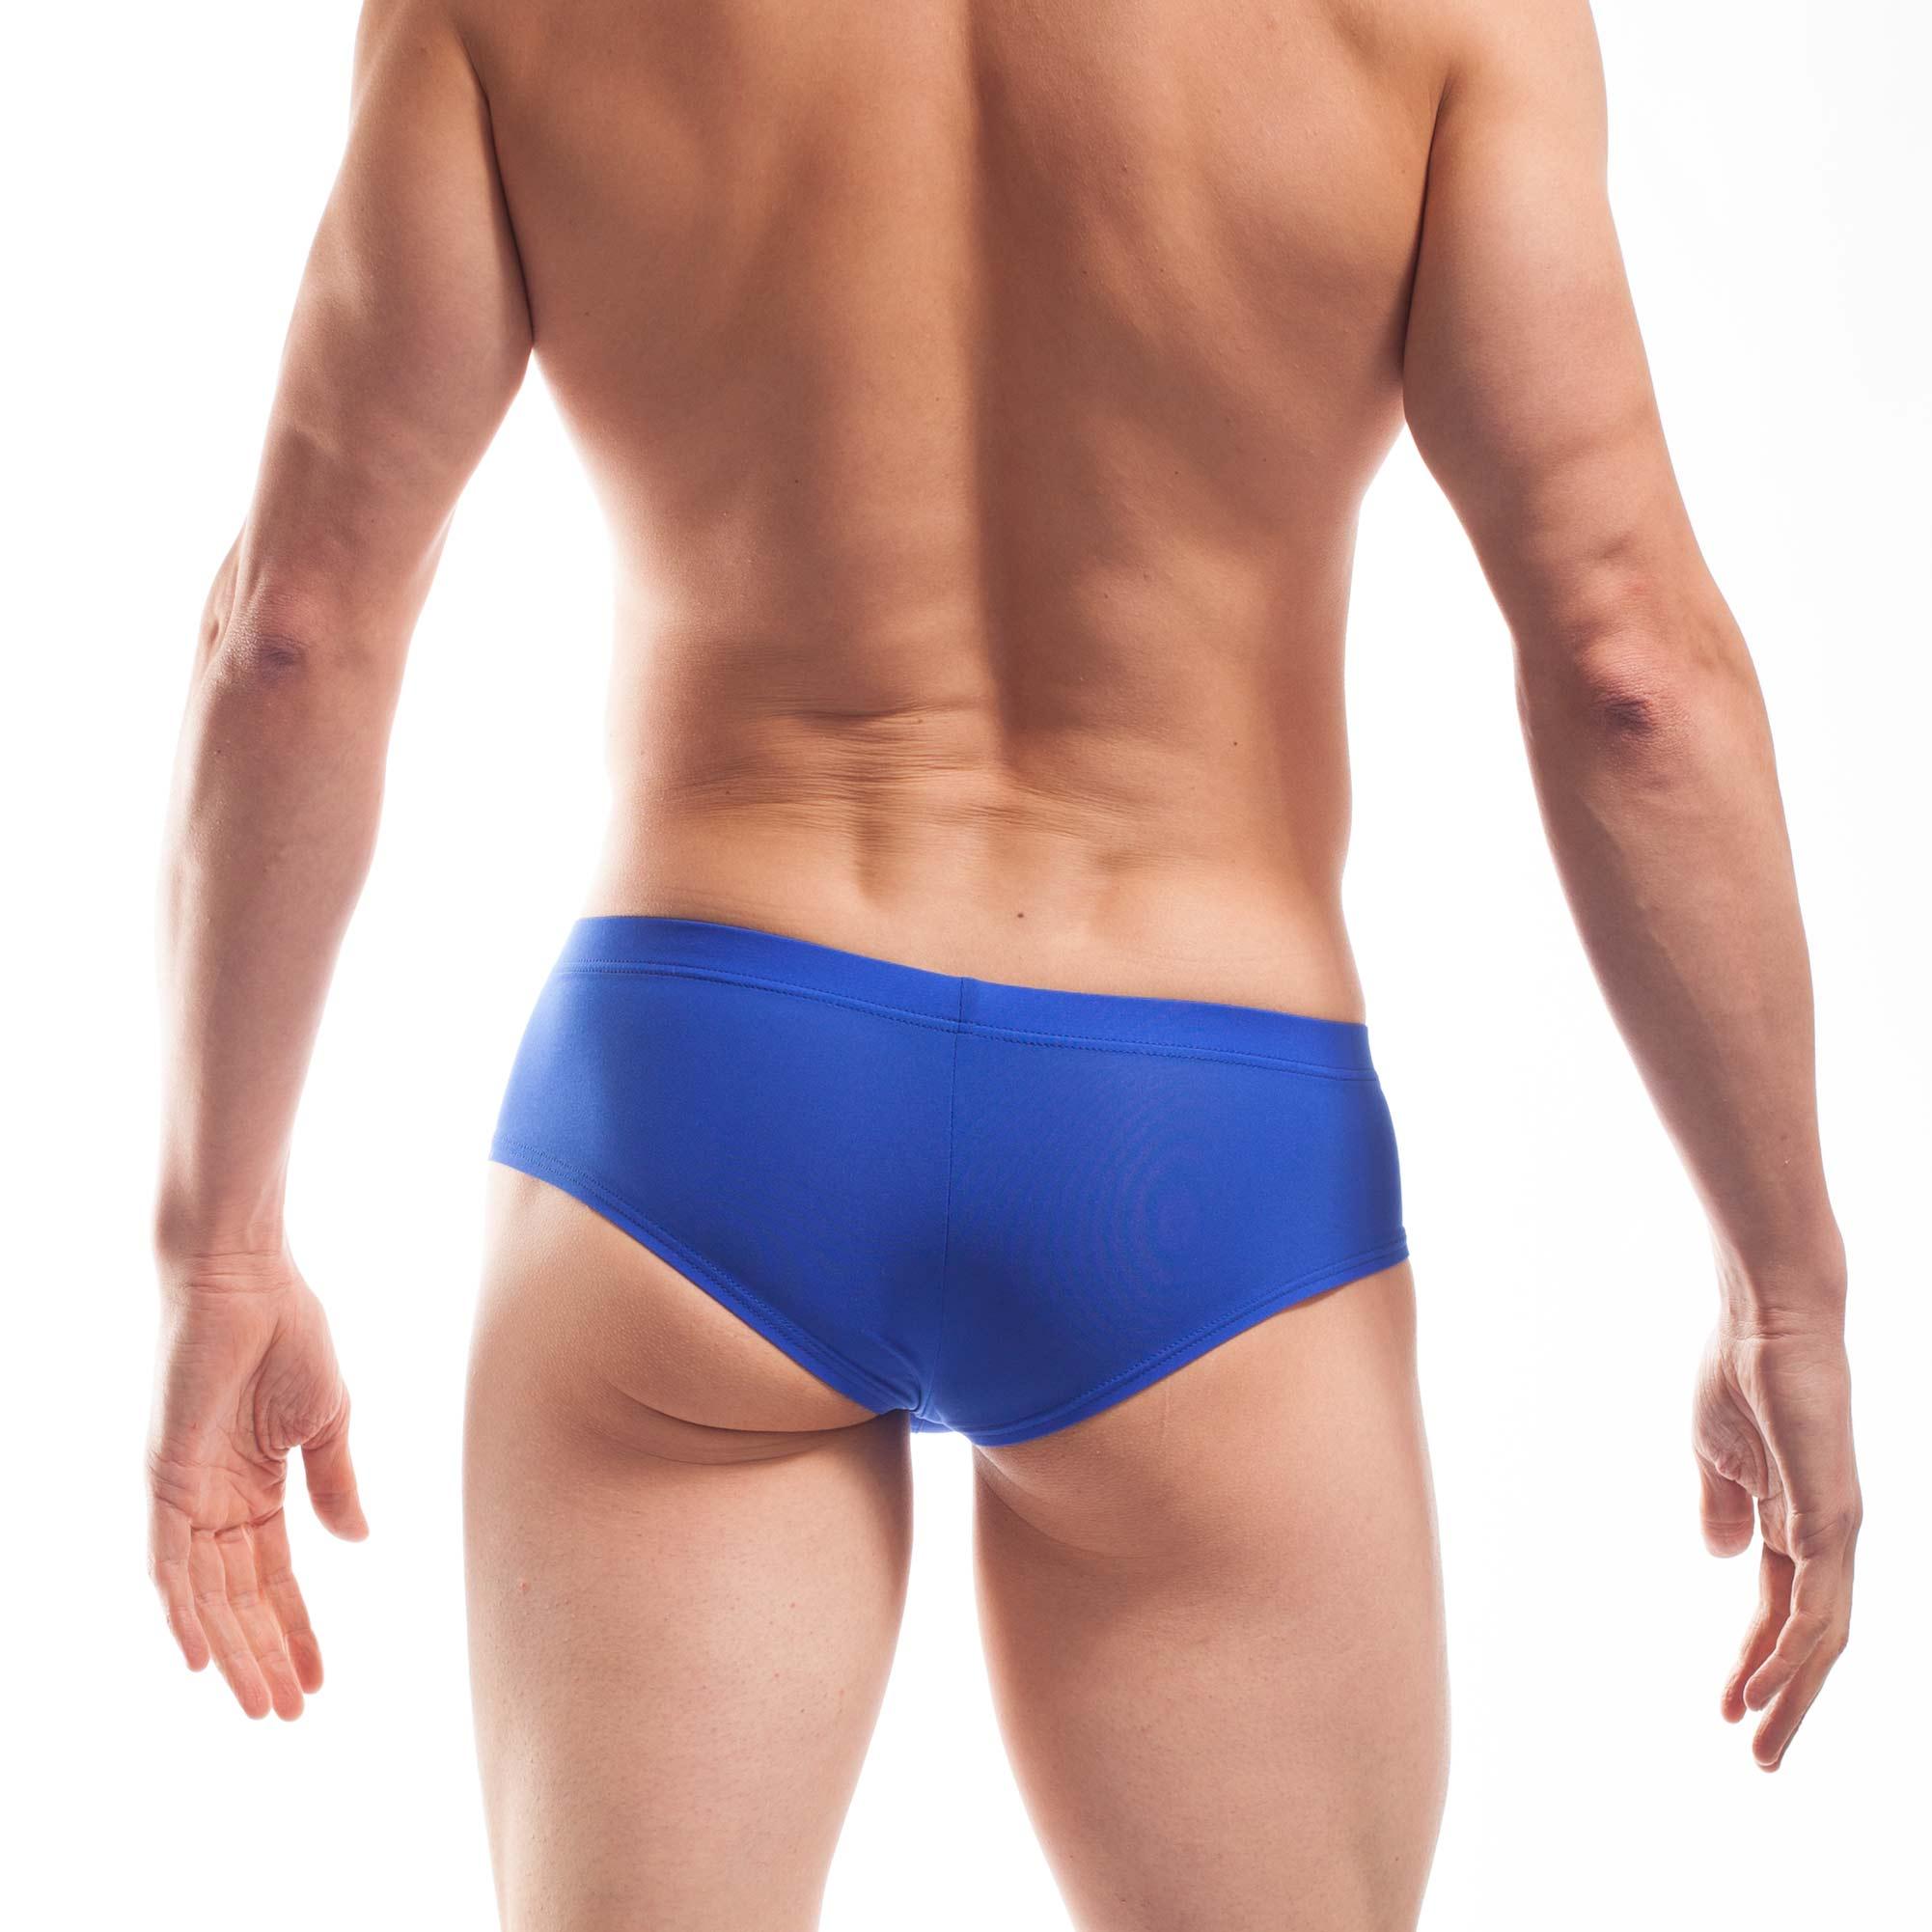 BEUN STRIPP Hipster Shorts, Panty, shorts, Unterhosen, Slip, Klickverschlüsse, Klickverschluss